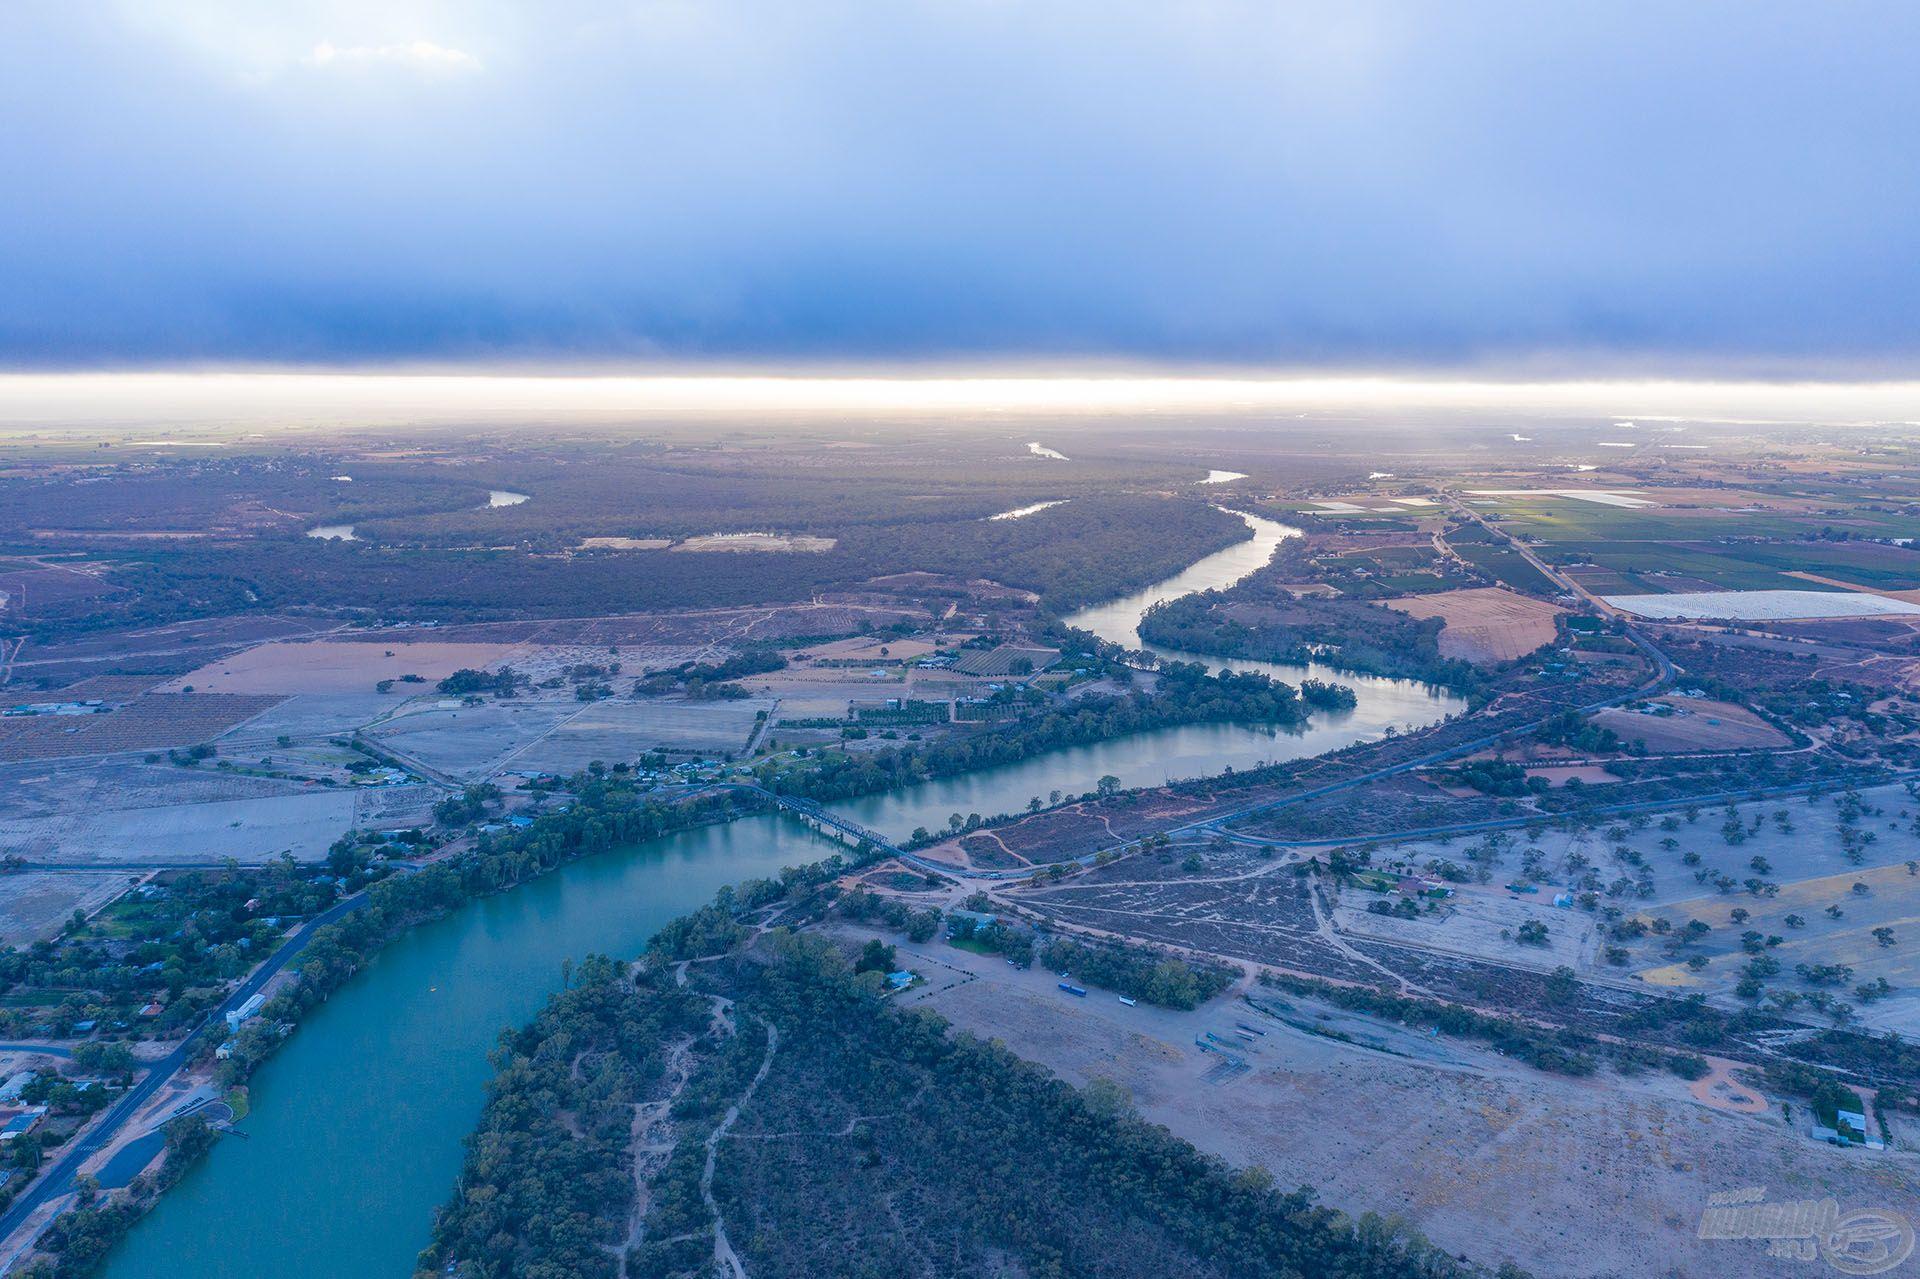 Ausztrália legnagyobb folyóján, a Murray folyón kezdtem a horgászatot